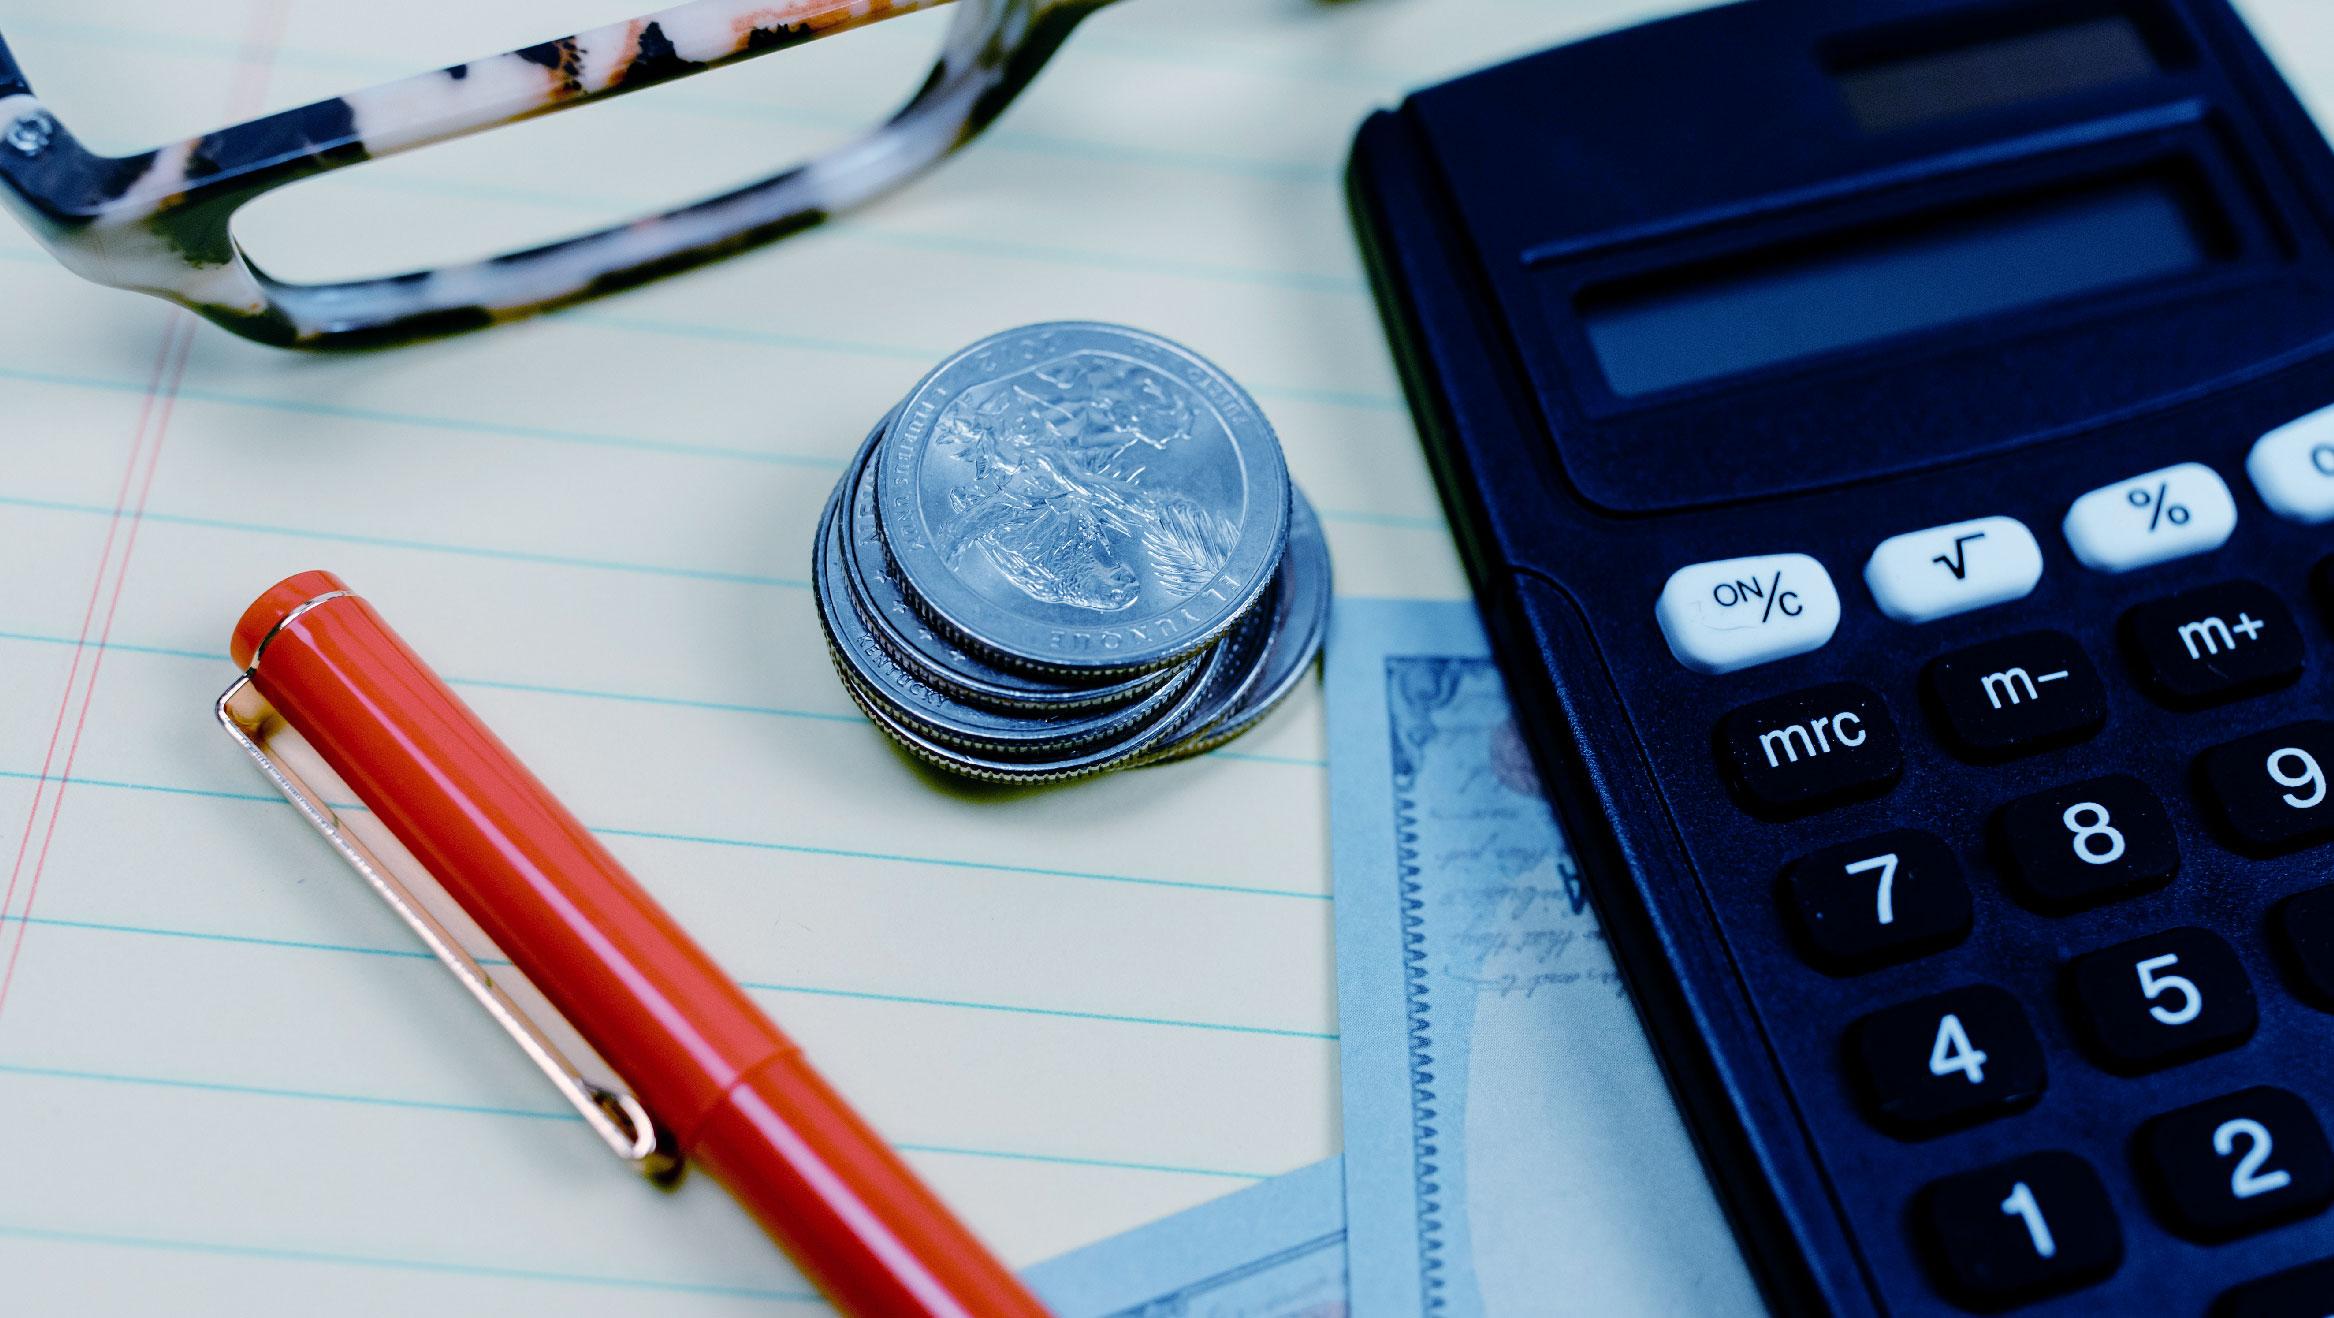 Problemas financieros: ¿Cómo manejarlos?